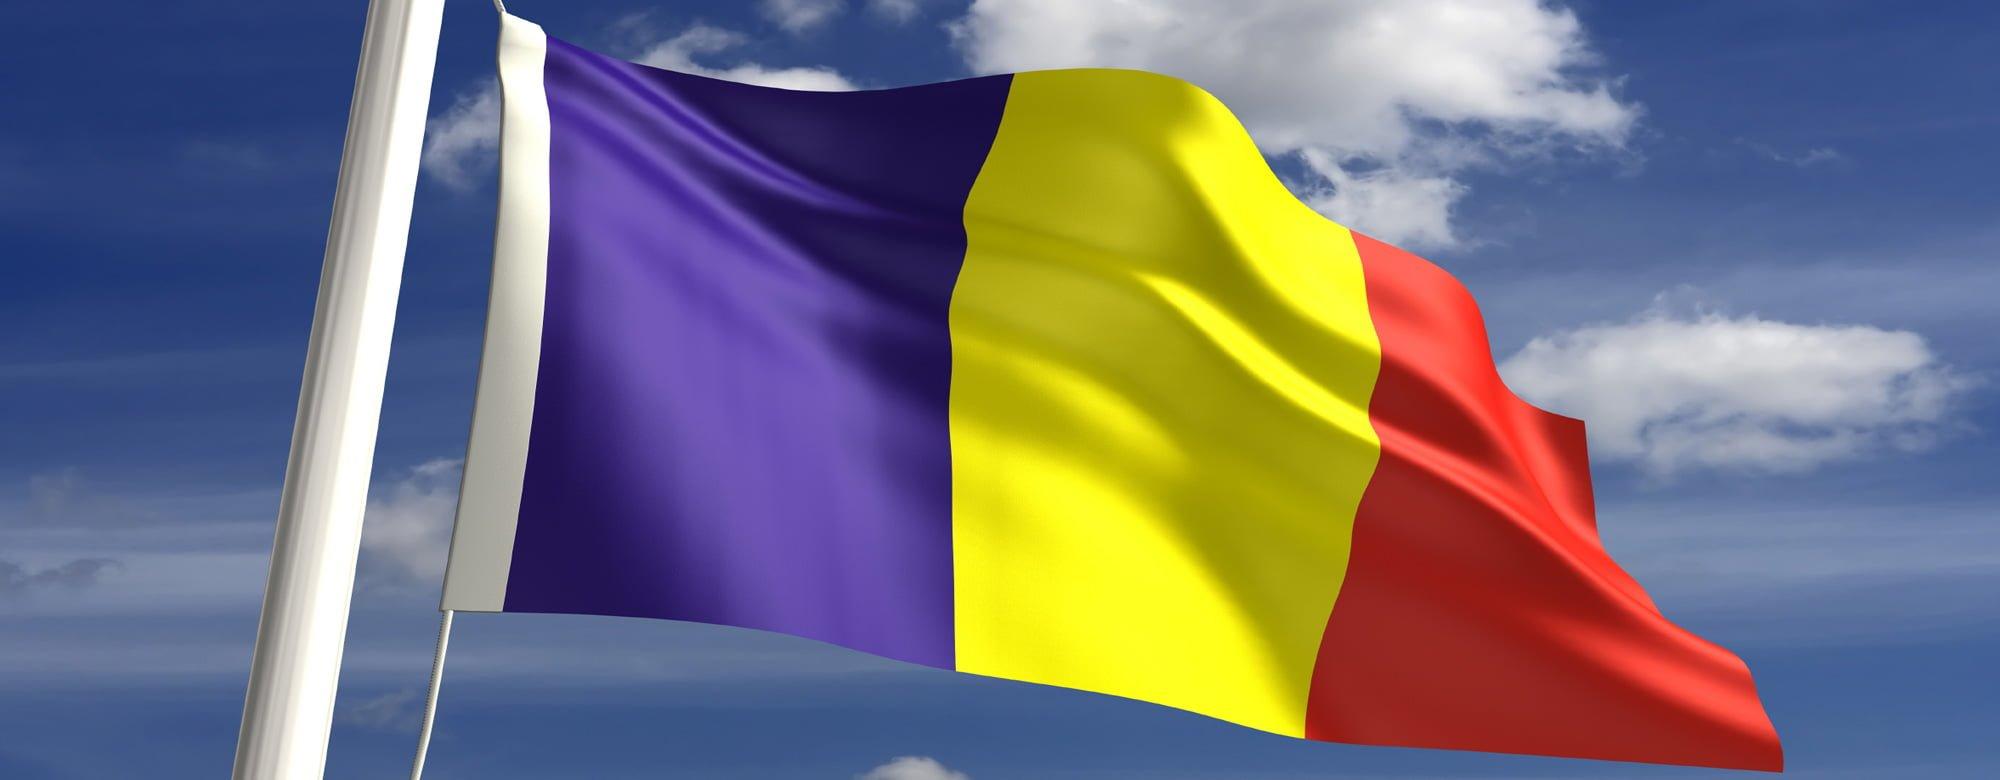 România a actualizat lista țărilor cu risc epidemiologic ridicat